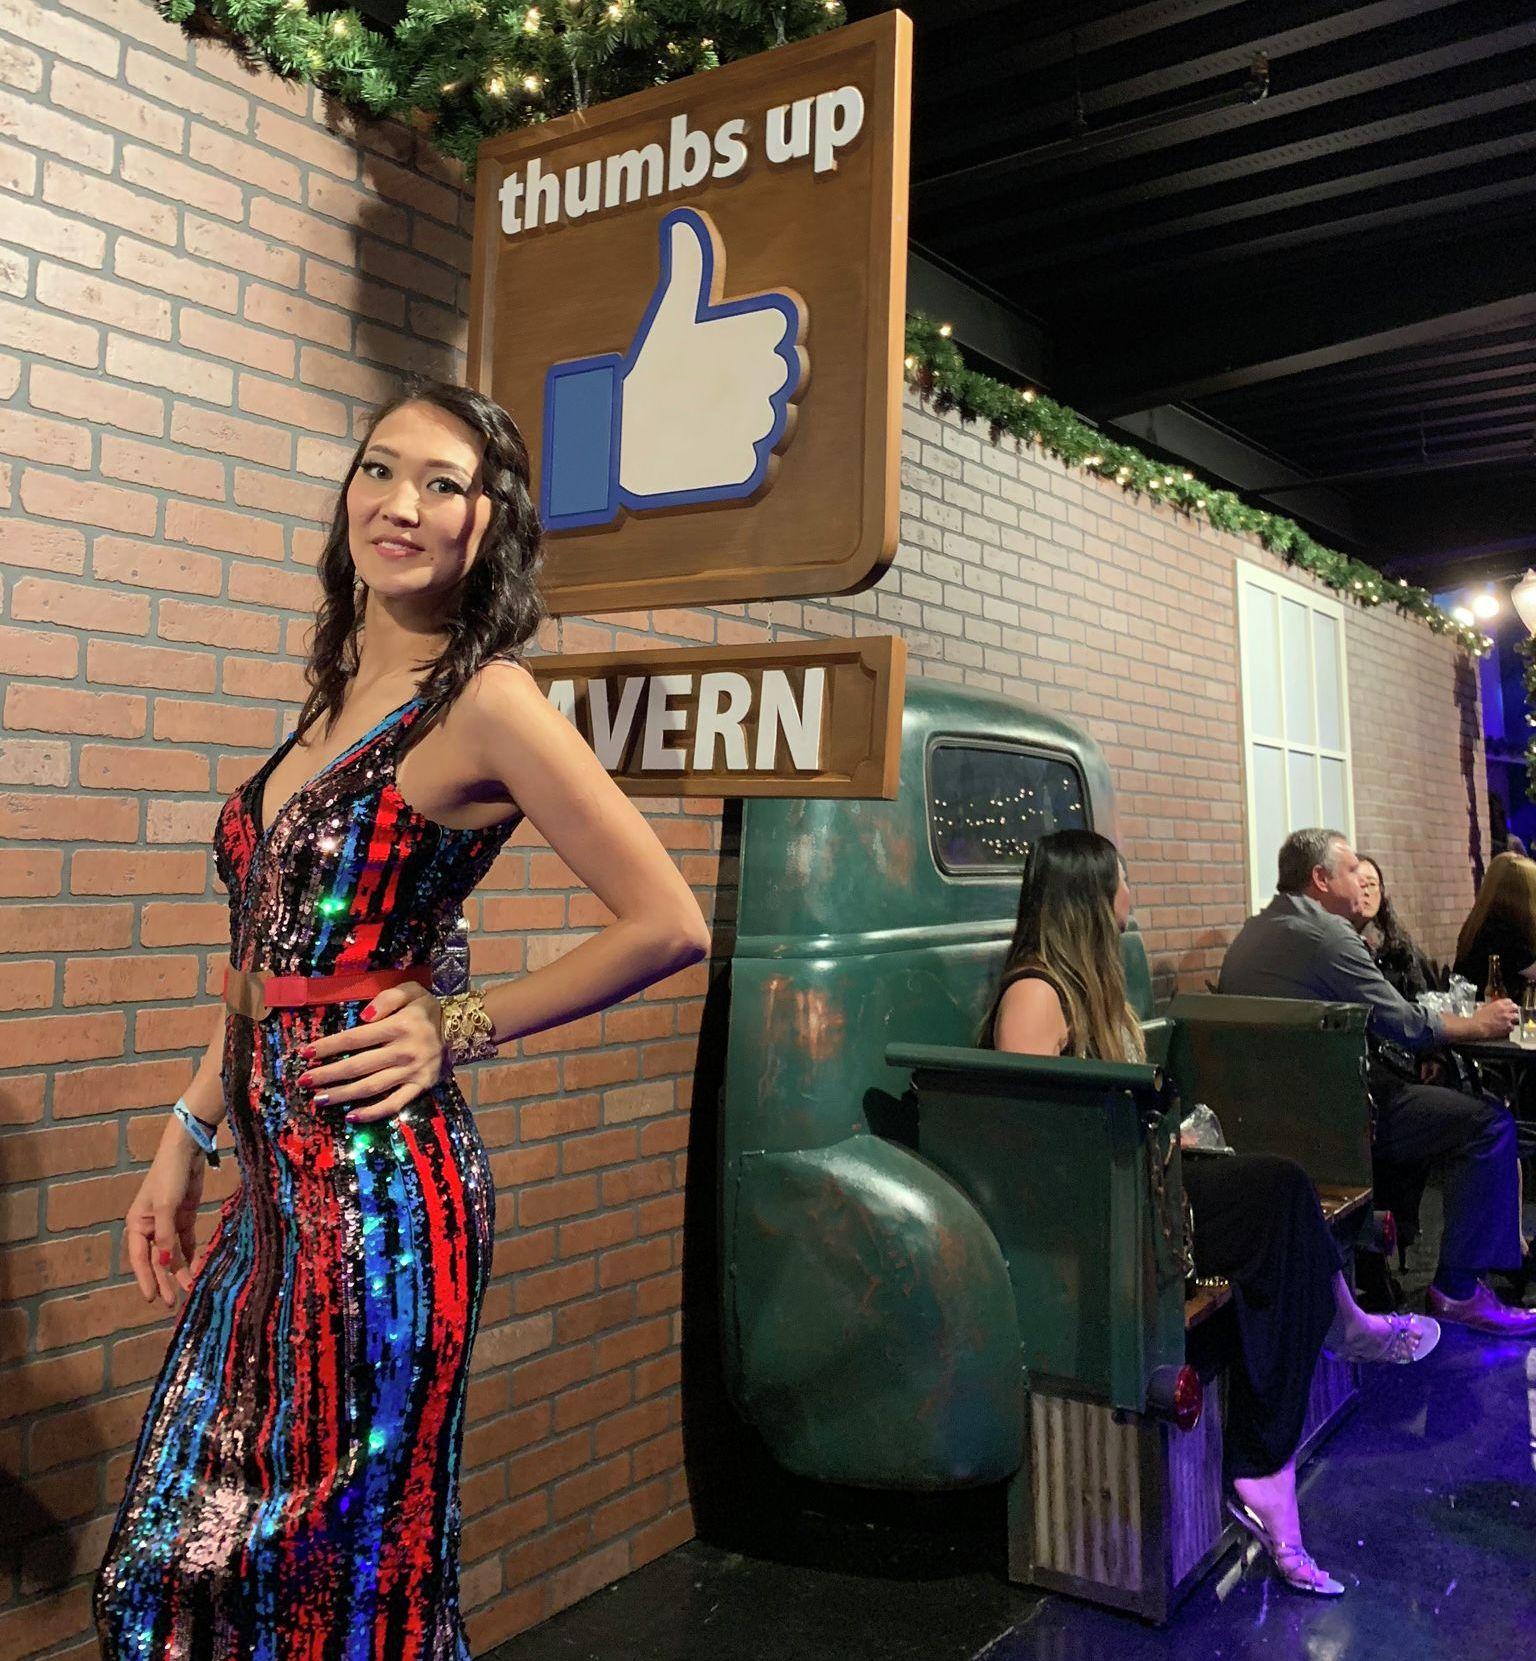 Кыргызстанка Зияда Усен, работающая информационным аналитиком в компании Facebook в США